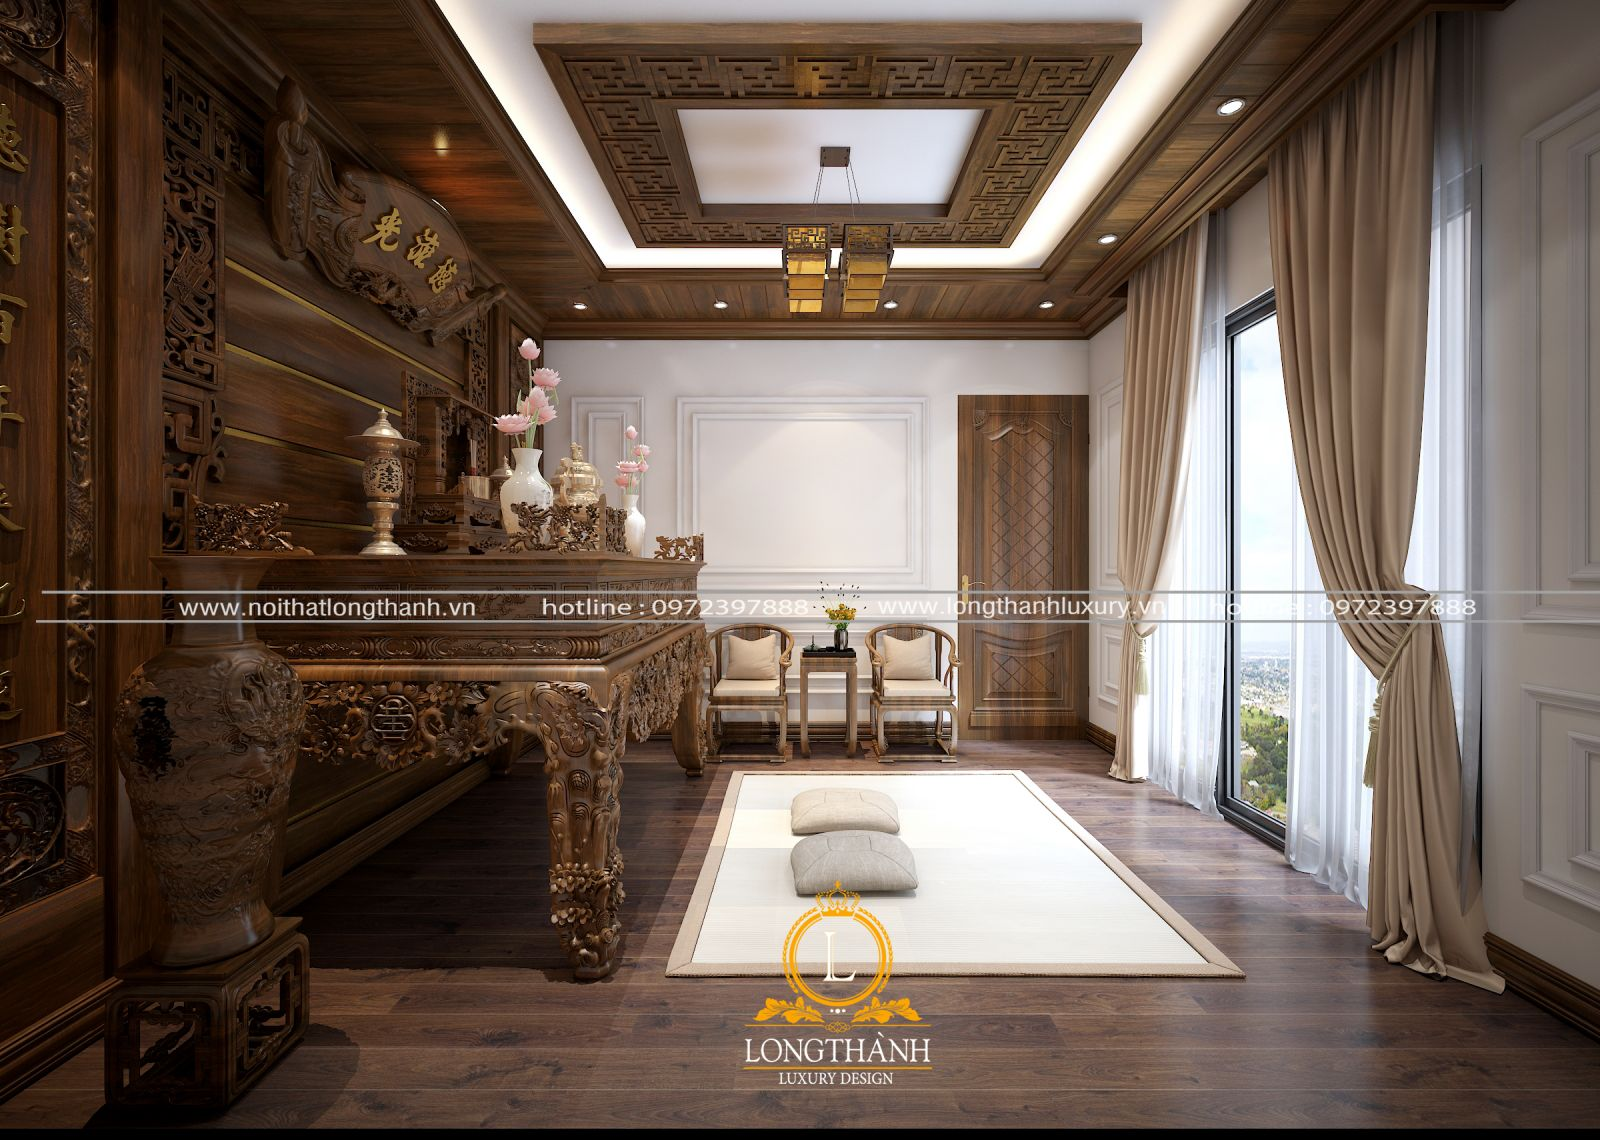 Thiết kế phòng thờ phong cách tân cổ điển cho nhà biệt thự rộng